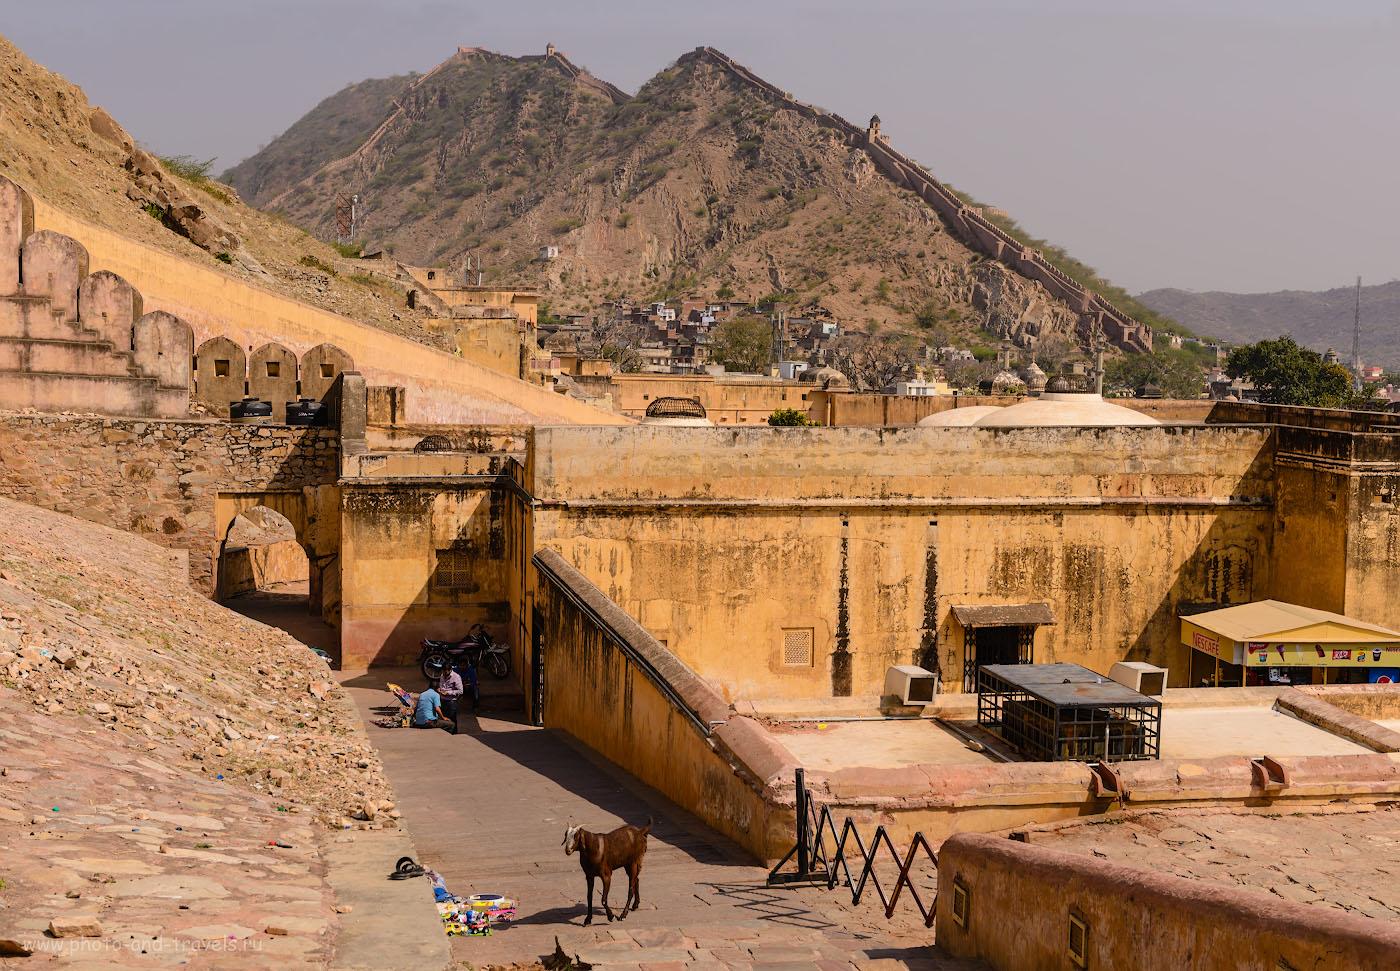 Фотография 4. Крепость Амер расположена в очень живописном месте. Отзывы туристов об экскурсиях в Джайпуре. 1/400, 8.0, 100, 50.